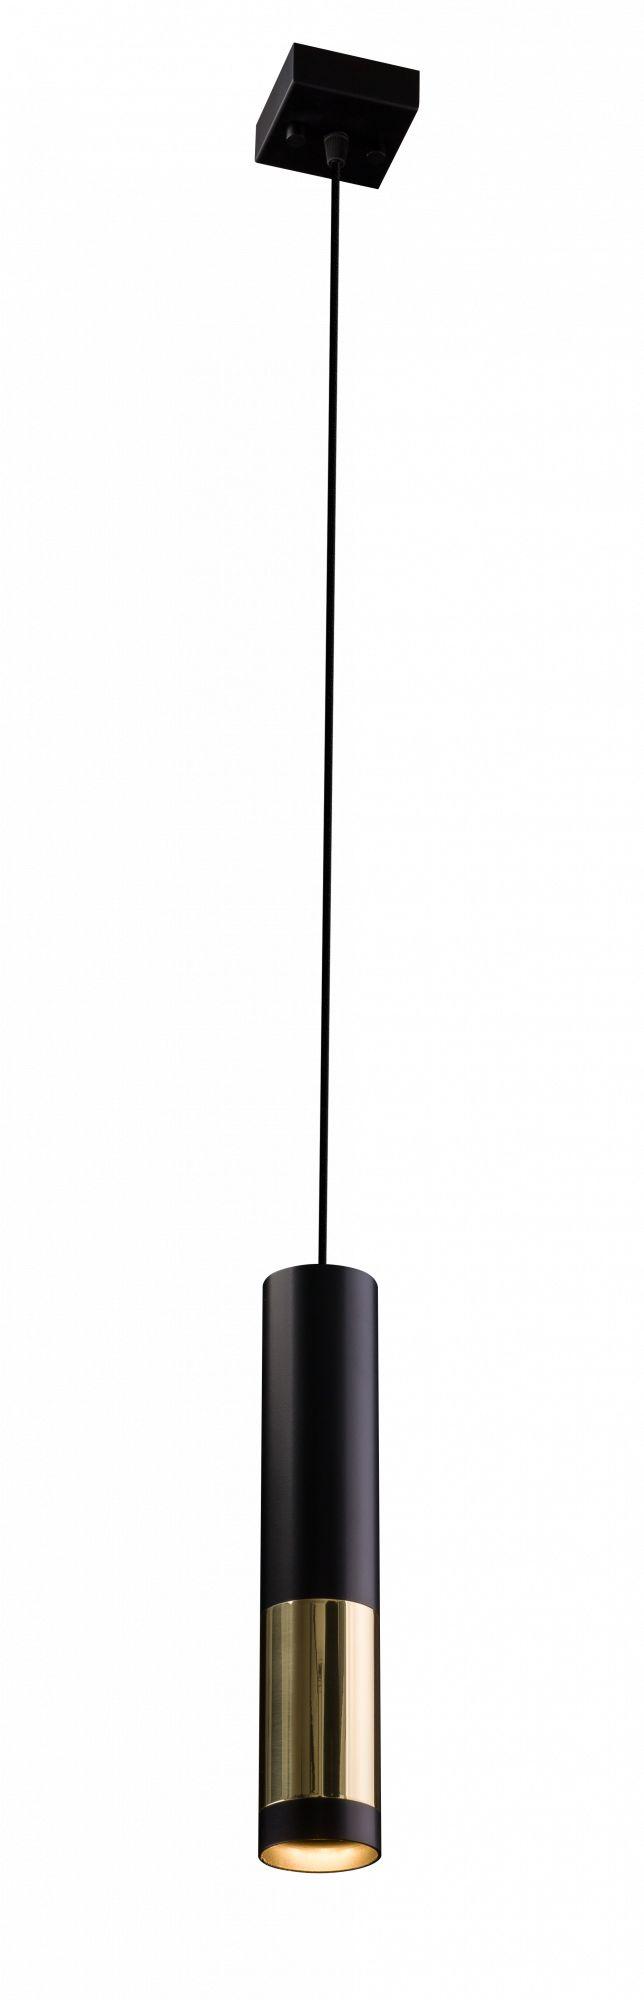 Lampa wisząca Kavos I Amplex pojedyncza oprawa w stylu design